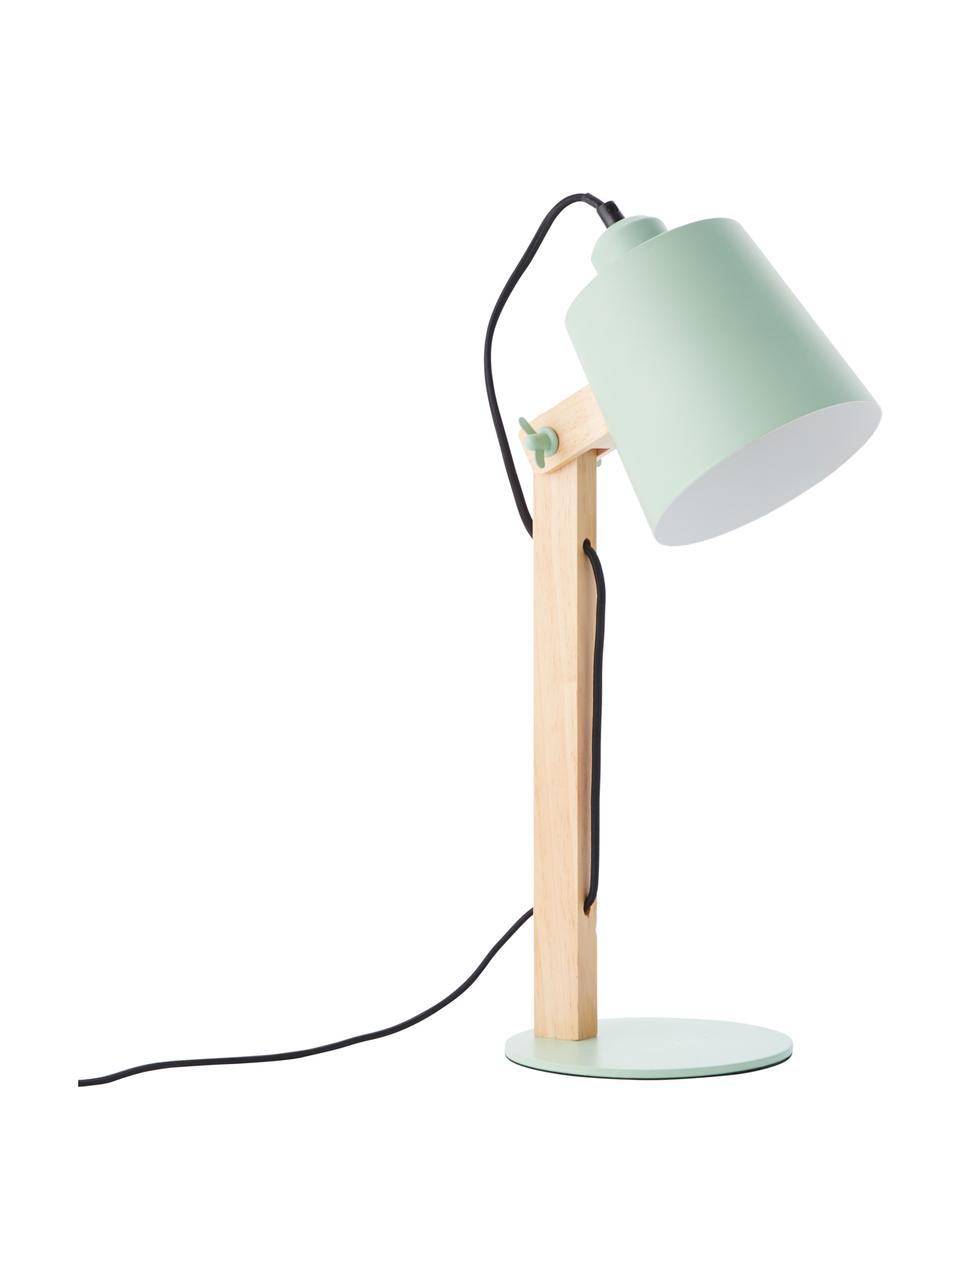 Duża lampa biurkowa Swive, Zielony miętowy, drewno naturalne, S 16 x W 52 cm